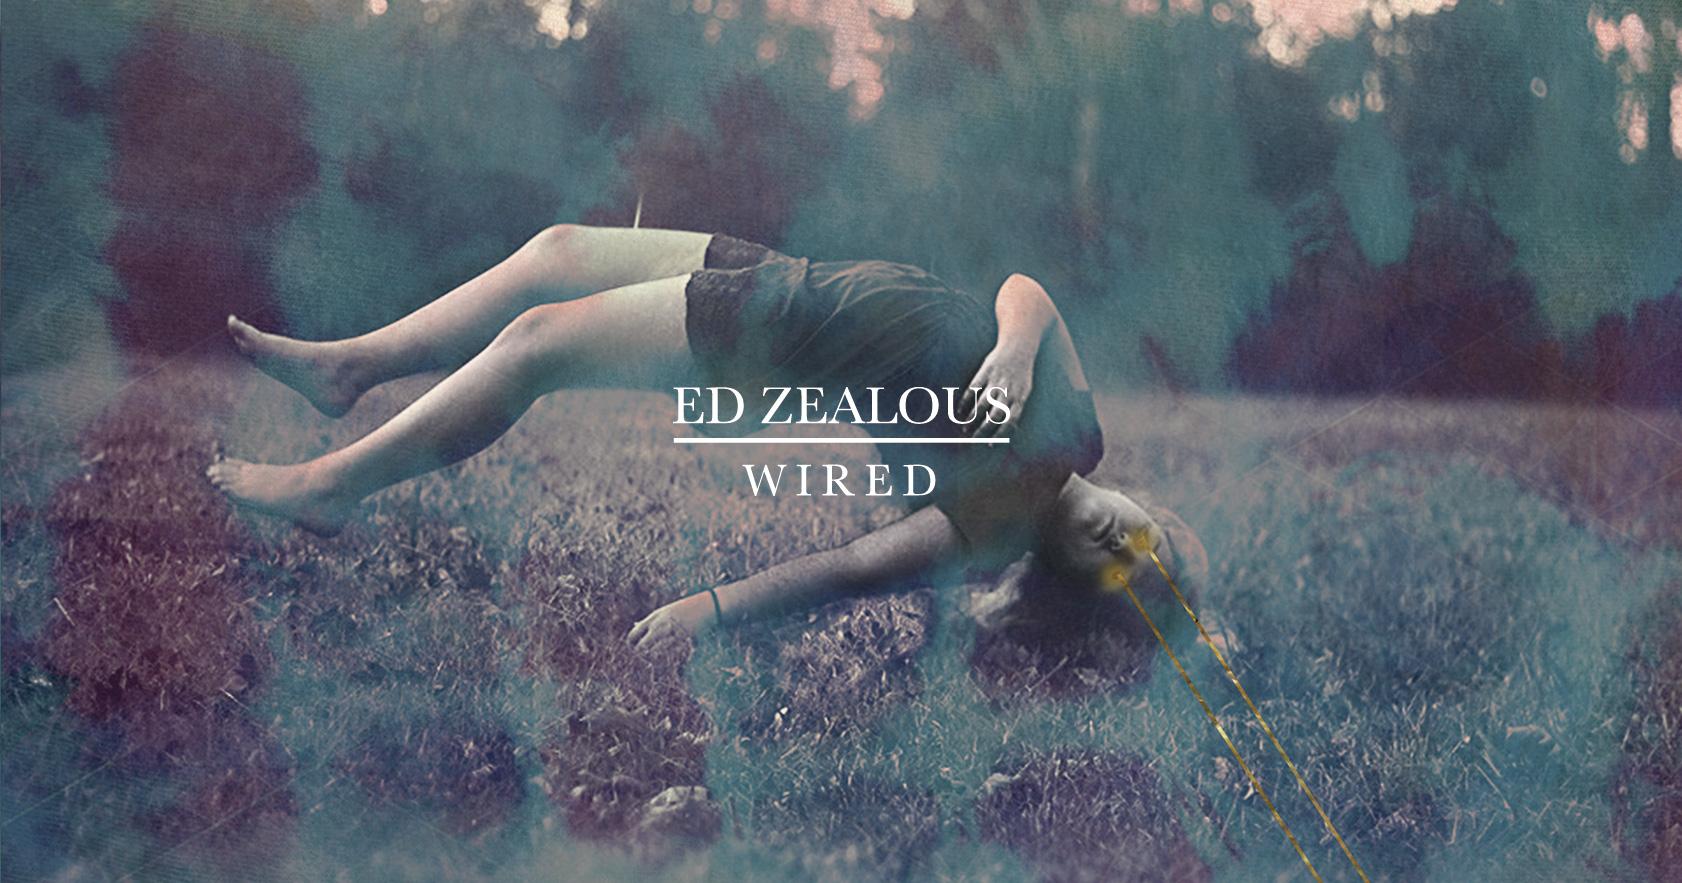 ed zealous